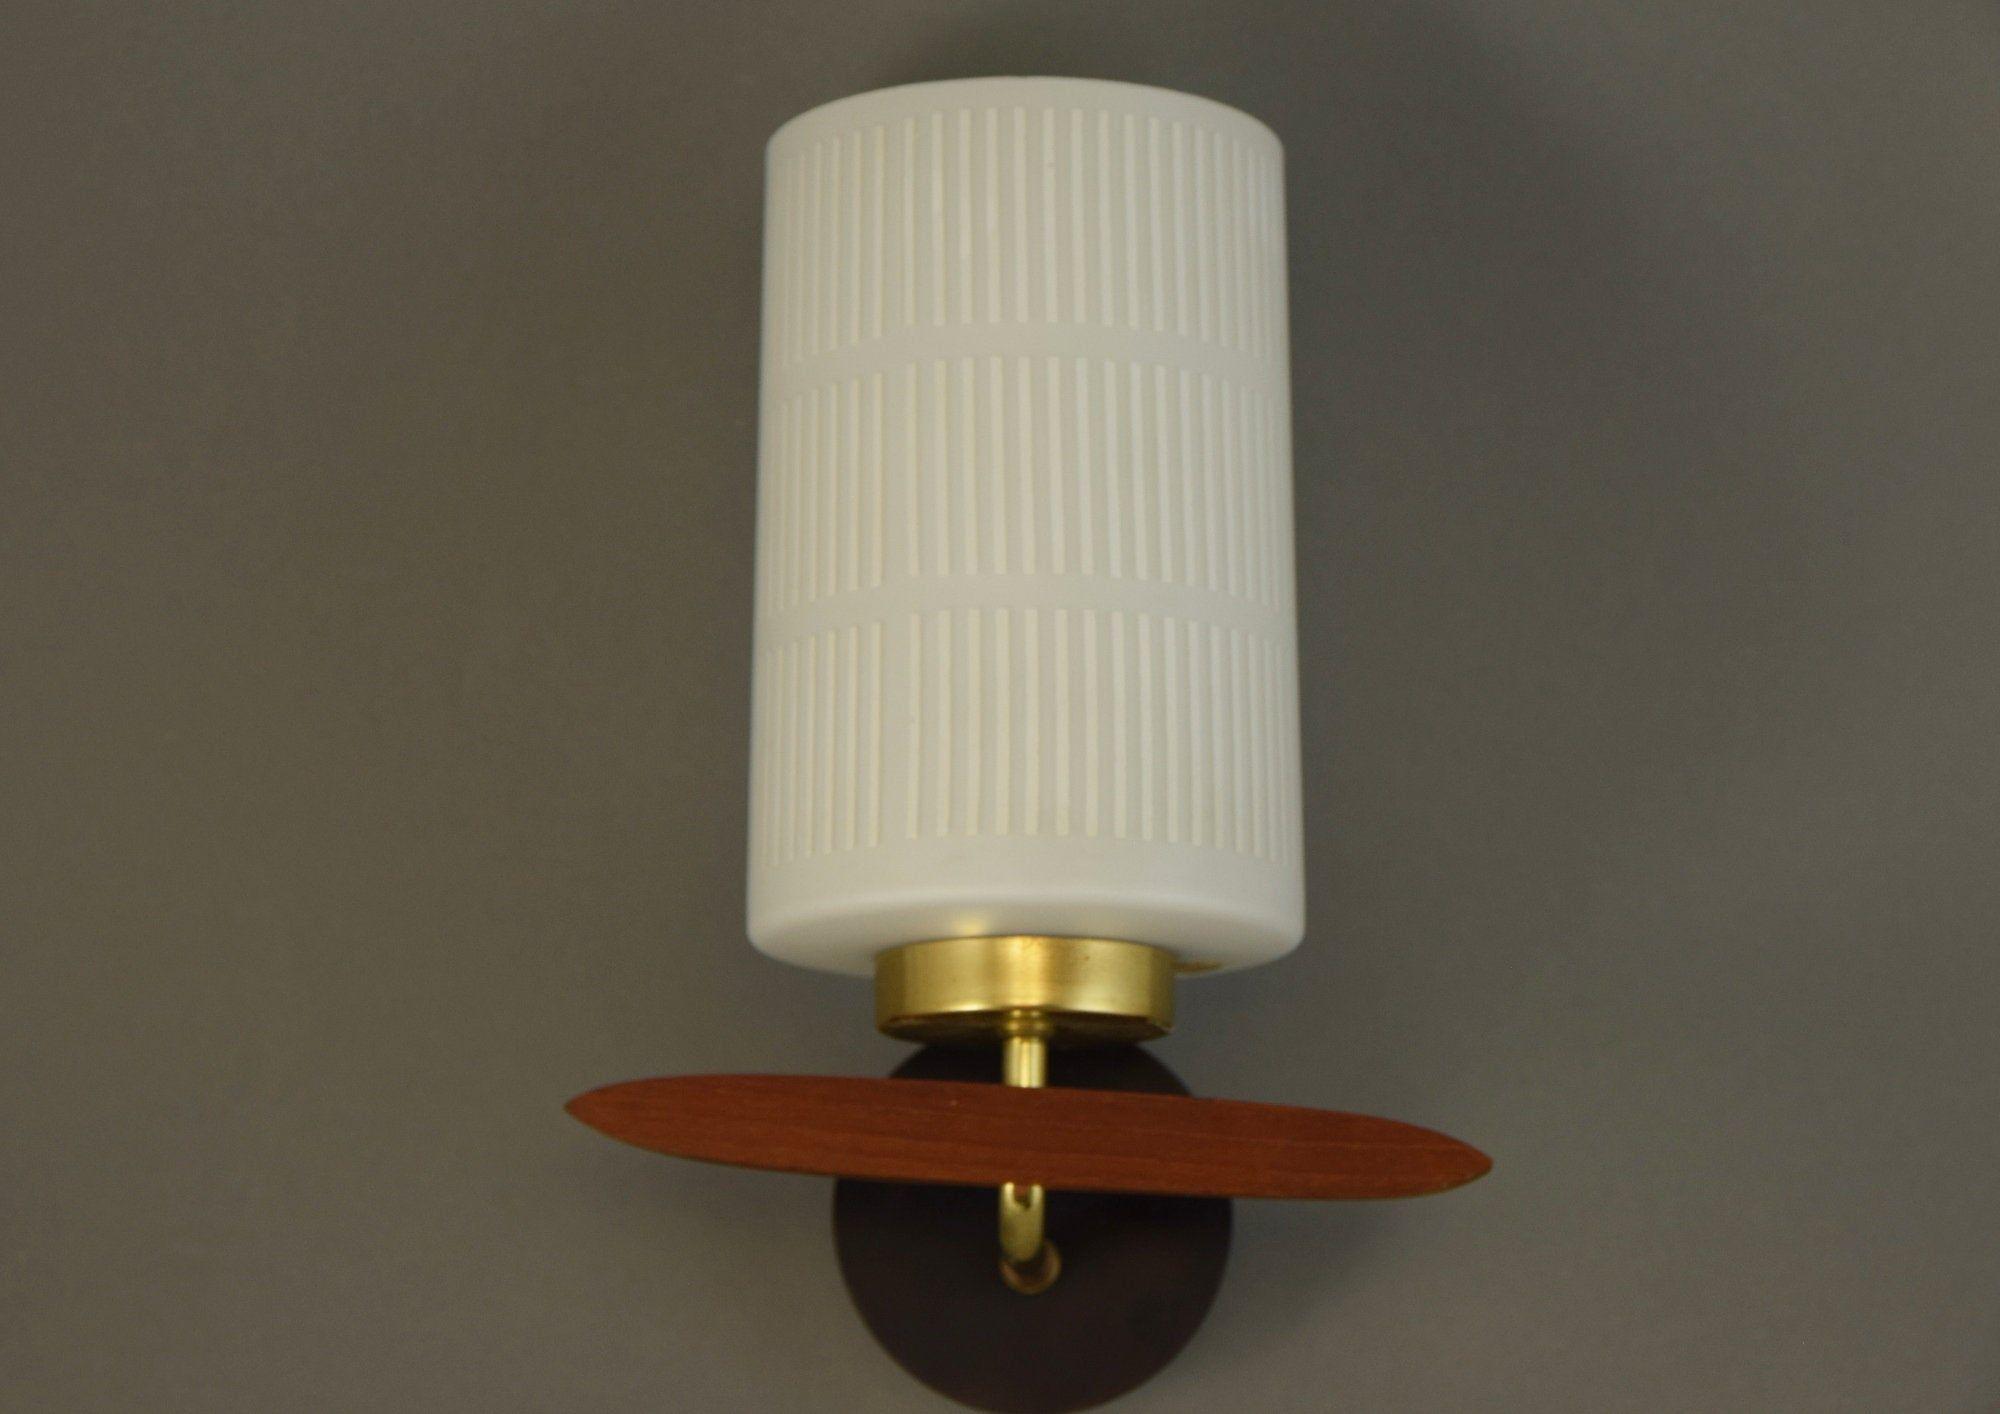 Vintage Mid Century Wall Lamp Teak Vintage Scone Danish Design Teak Lamp 60s Mid Century Modern Design Wall Lamp Mid Century Modern Design Lamp